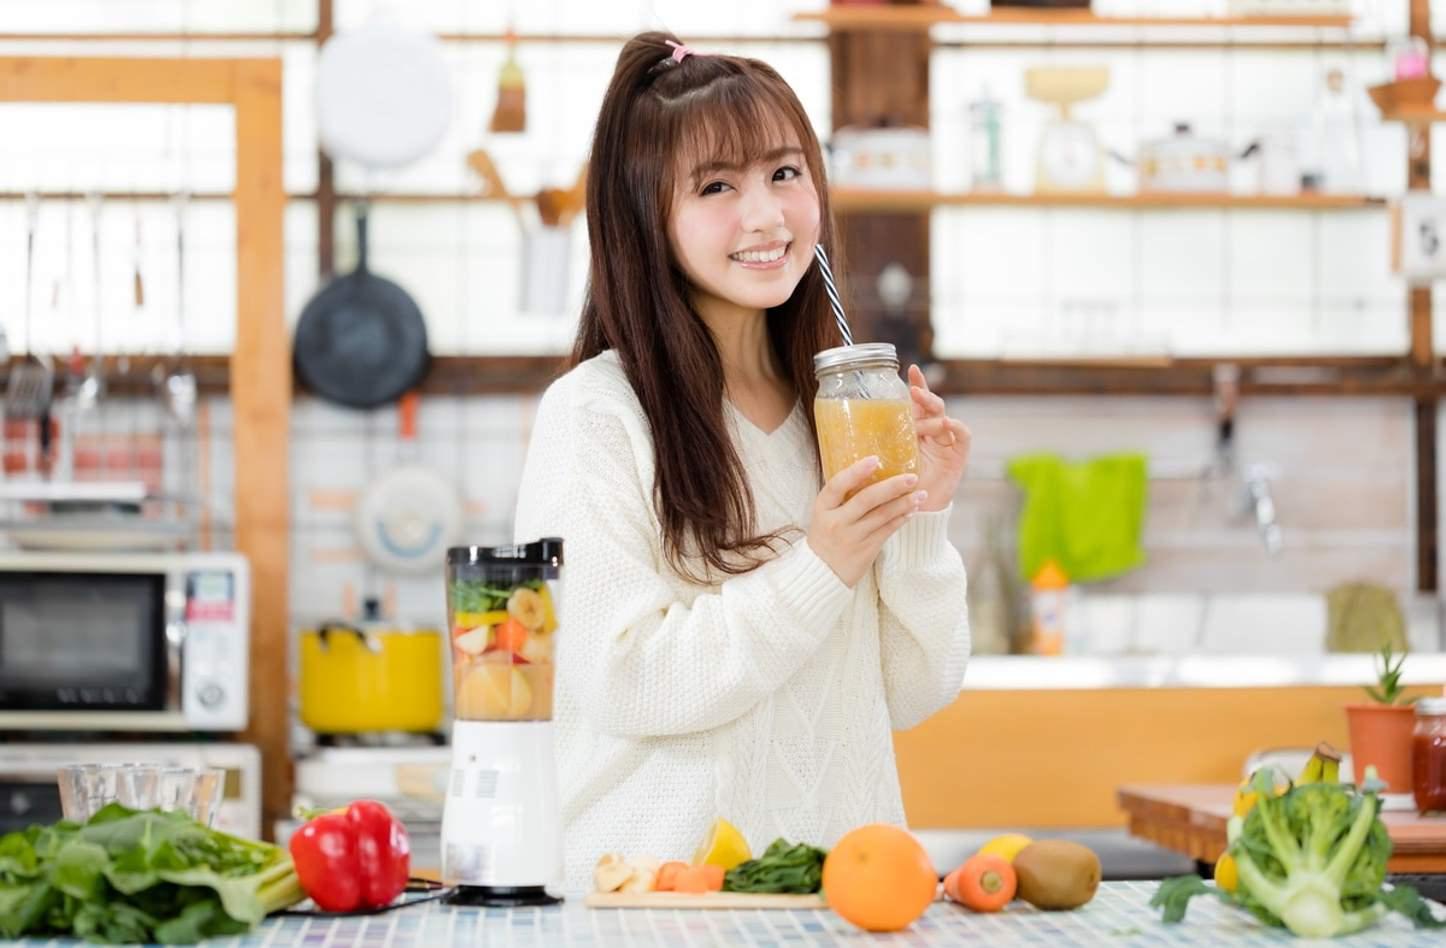 Smoothie Kawamura Yuka Pakutaso 28